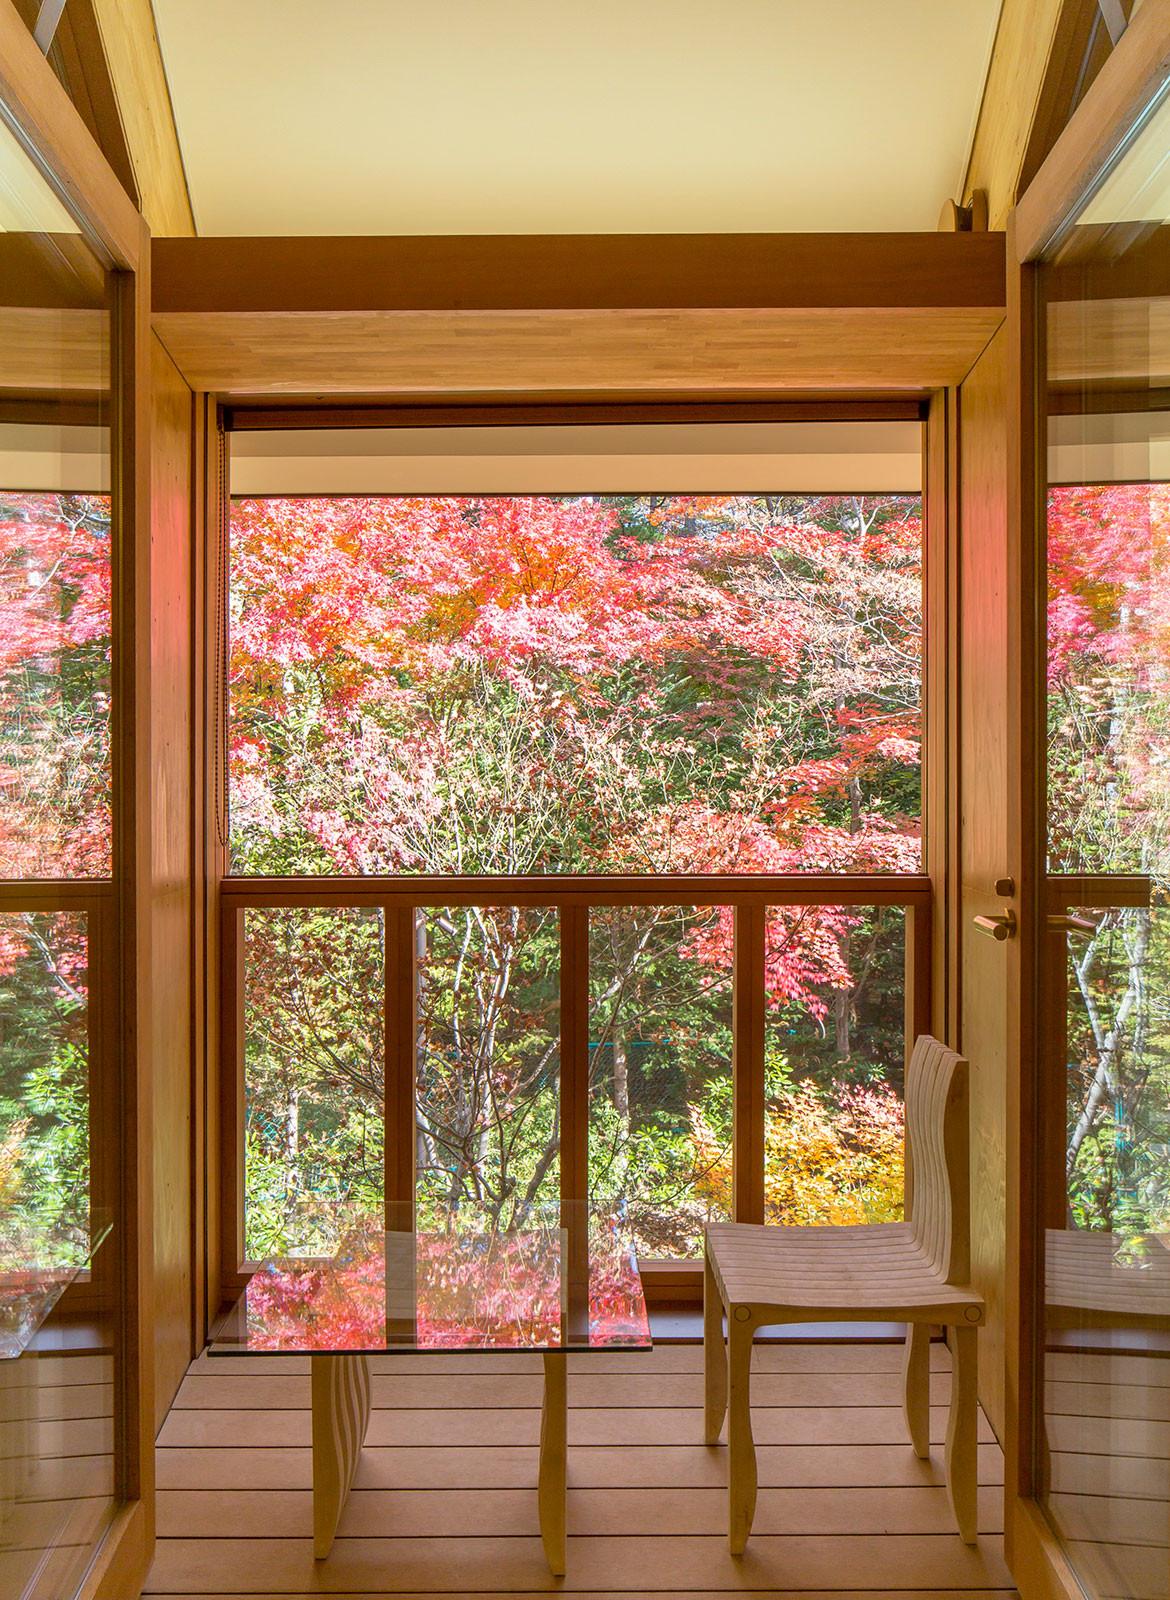 Shishi-Iwa House Shigeru Ban Japan balcony views